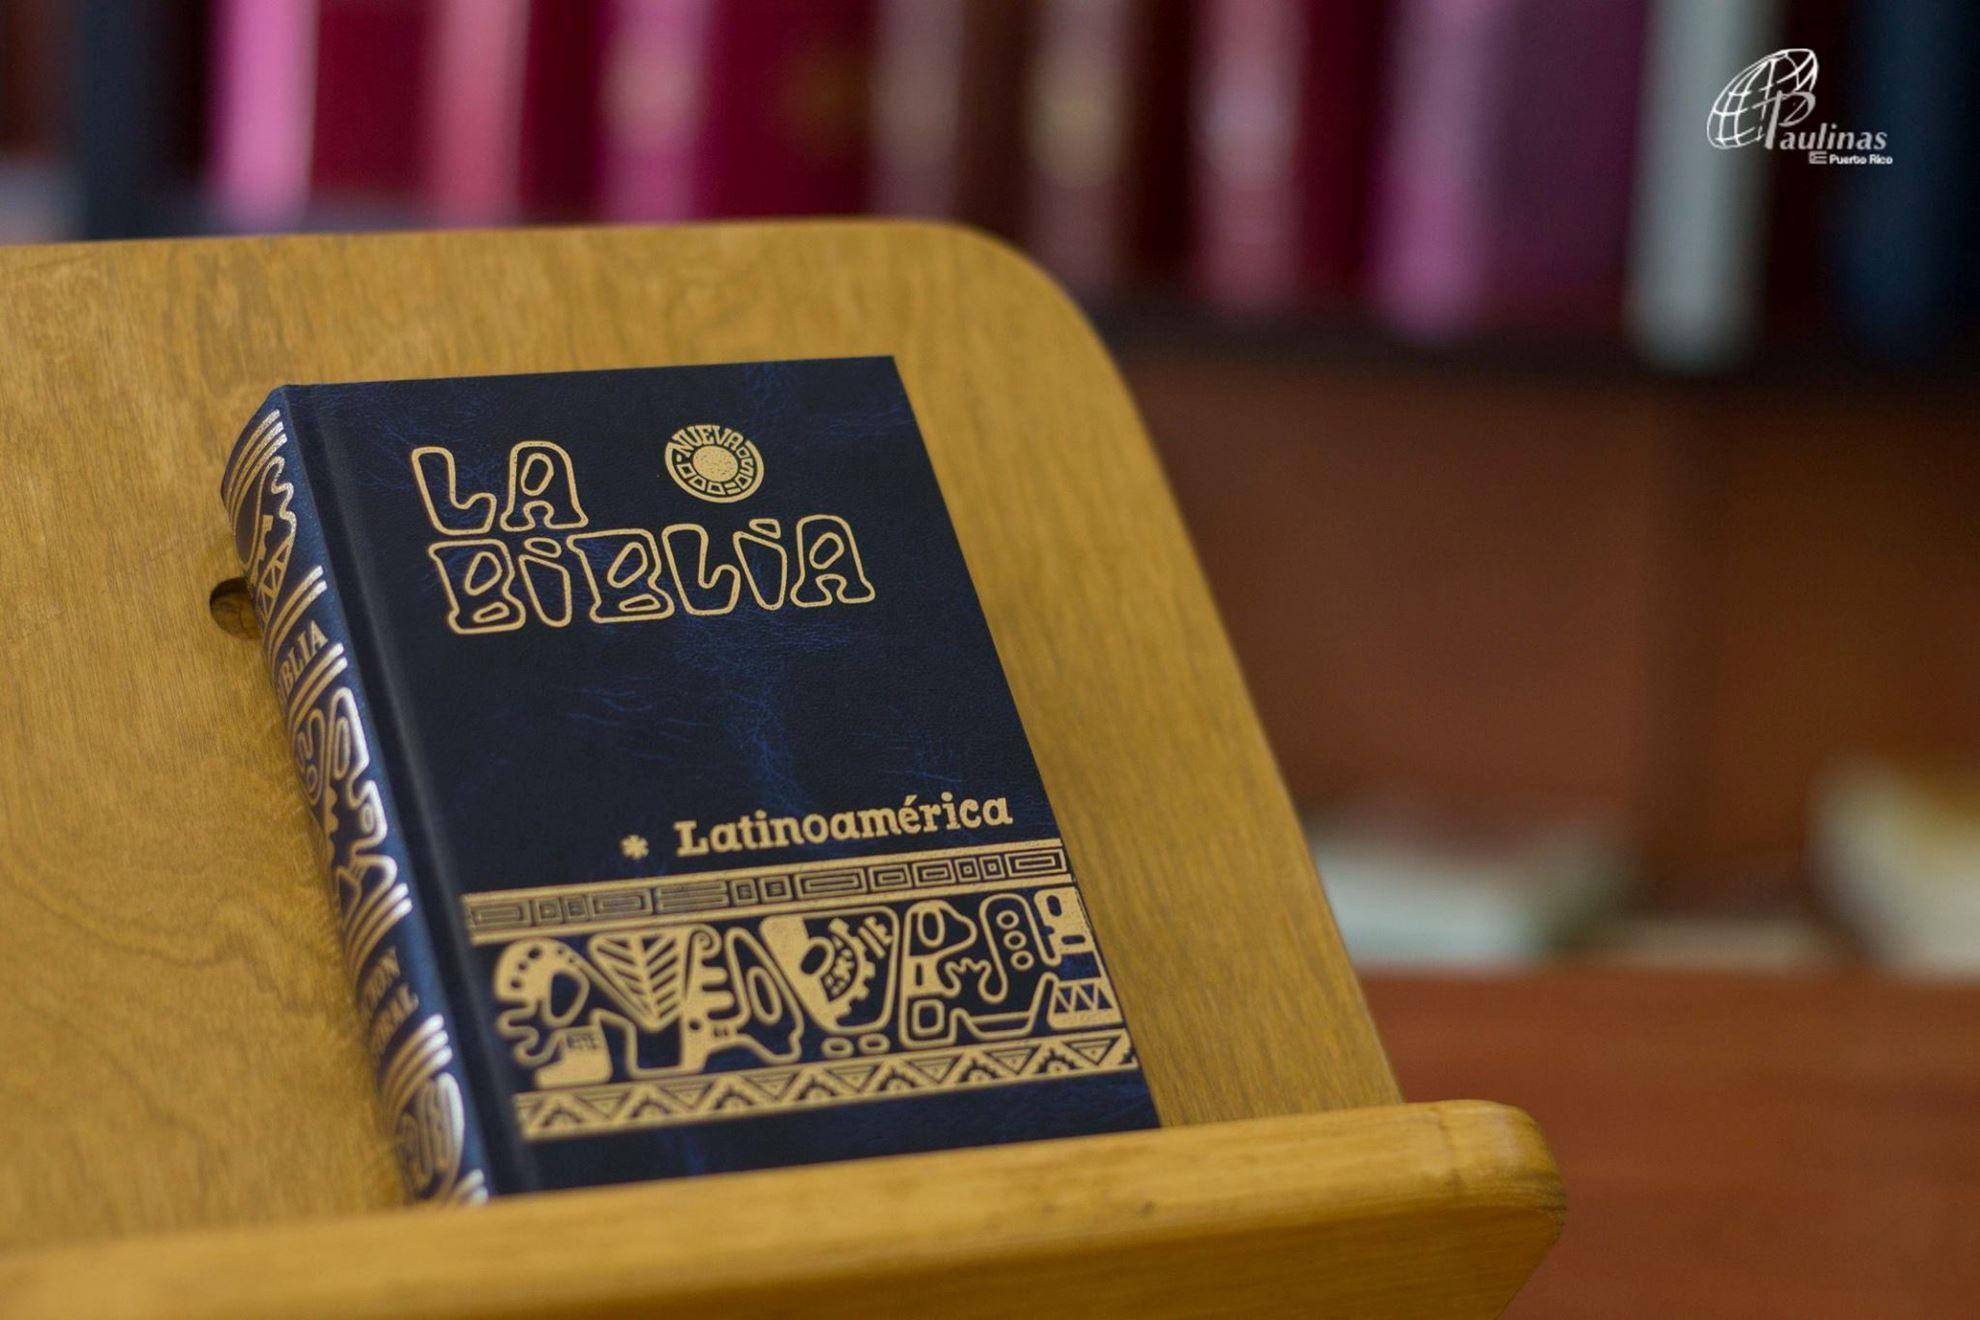 BIBLIA LATINOAMERICANA (BOLSILLO)